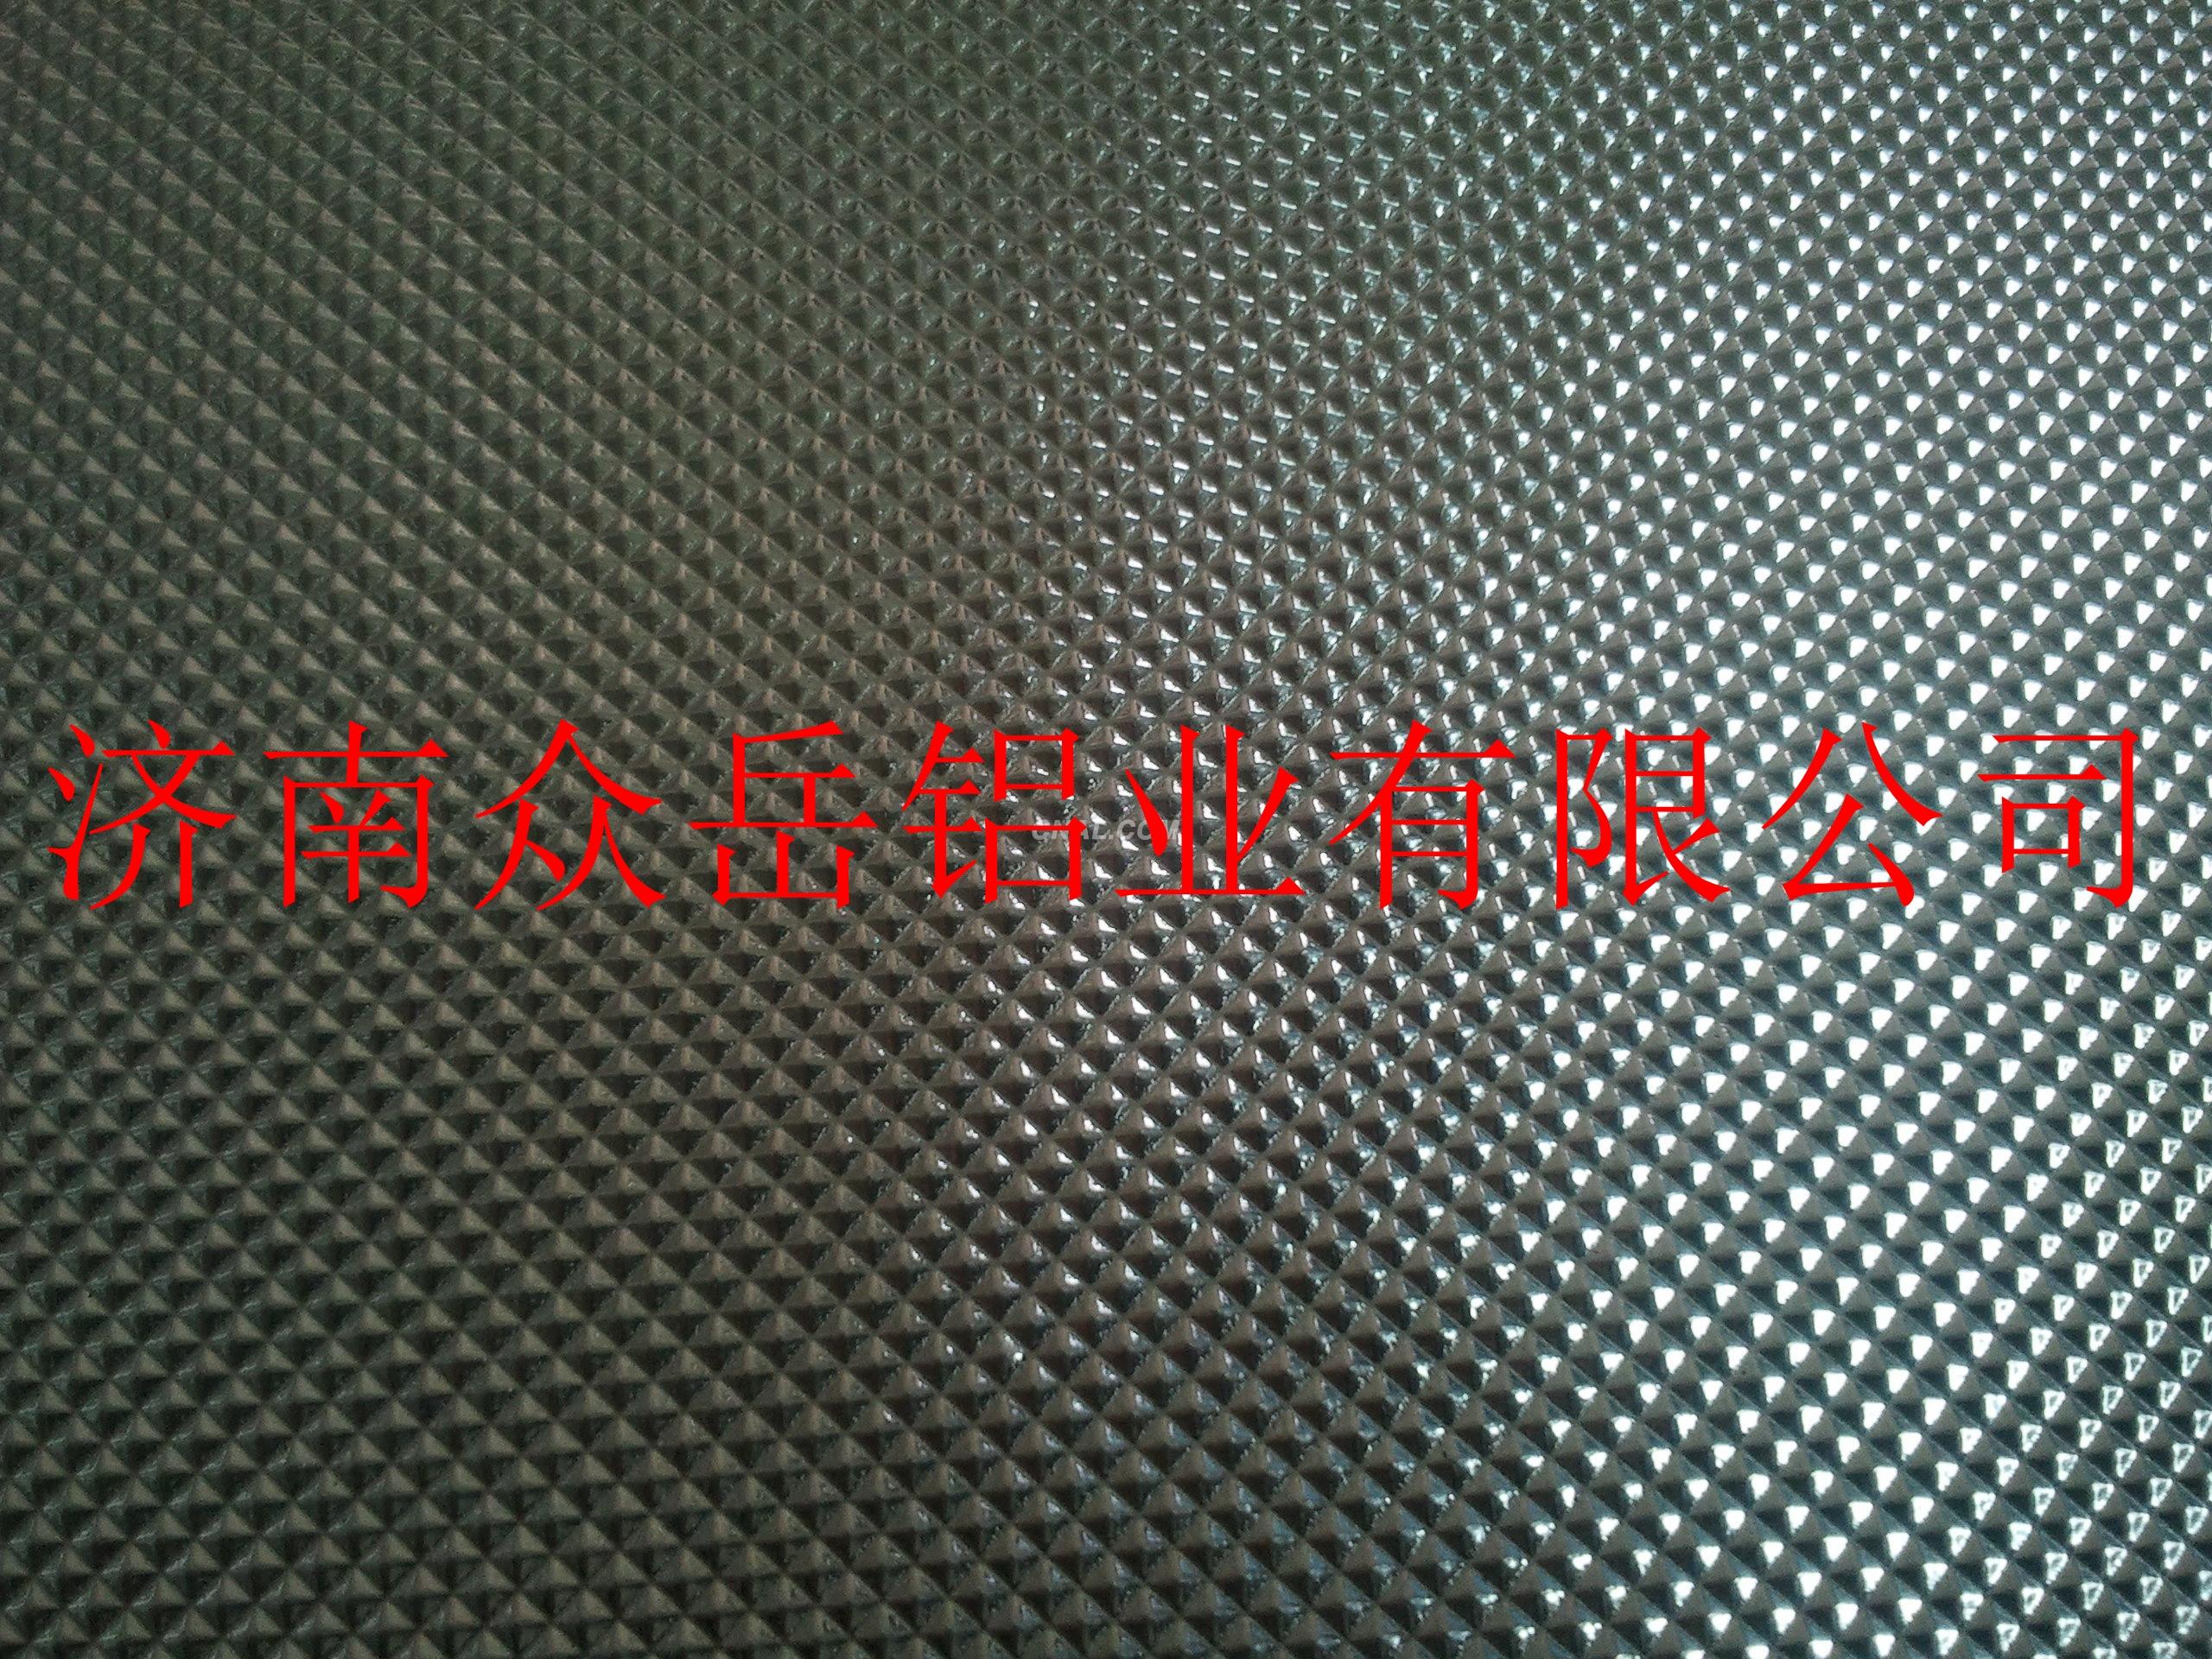 天津花纹铝板-花纹铝板-中国铝业网